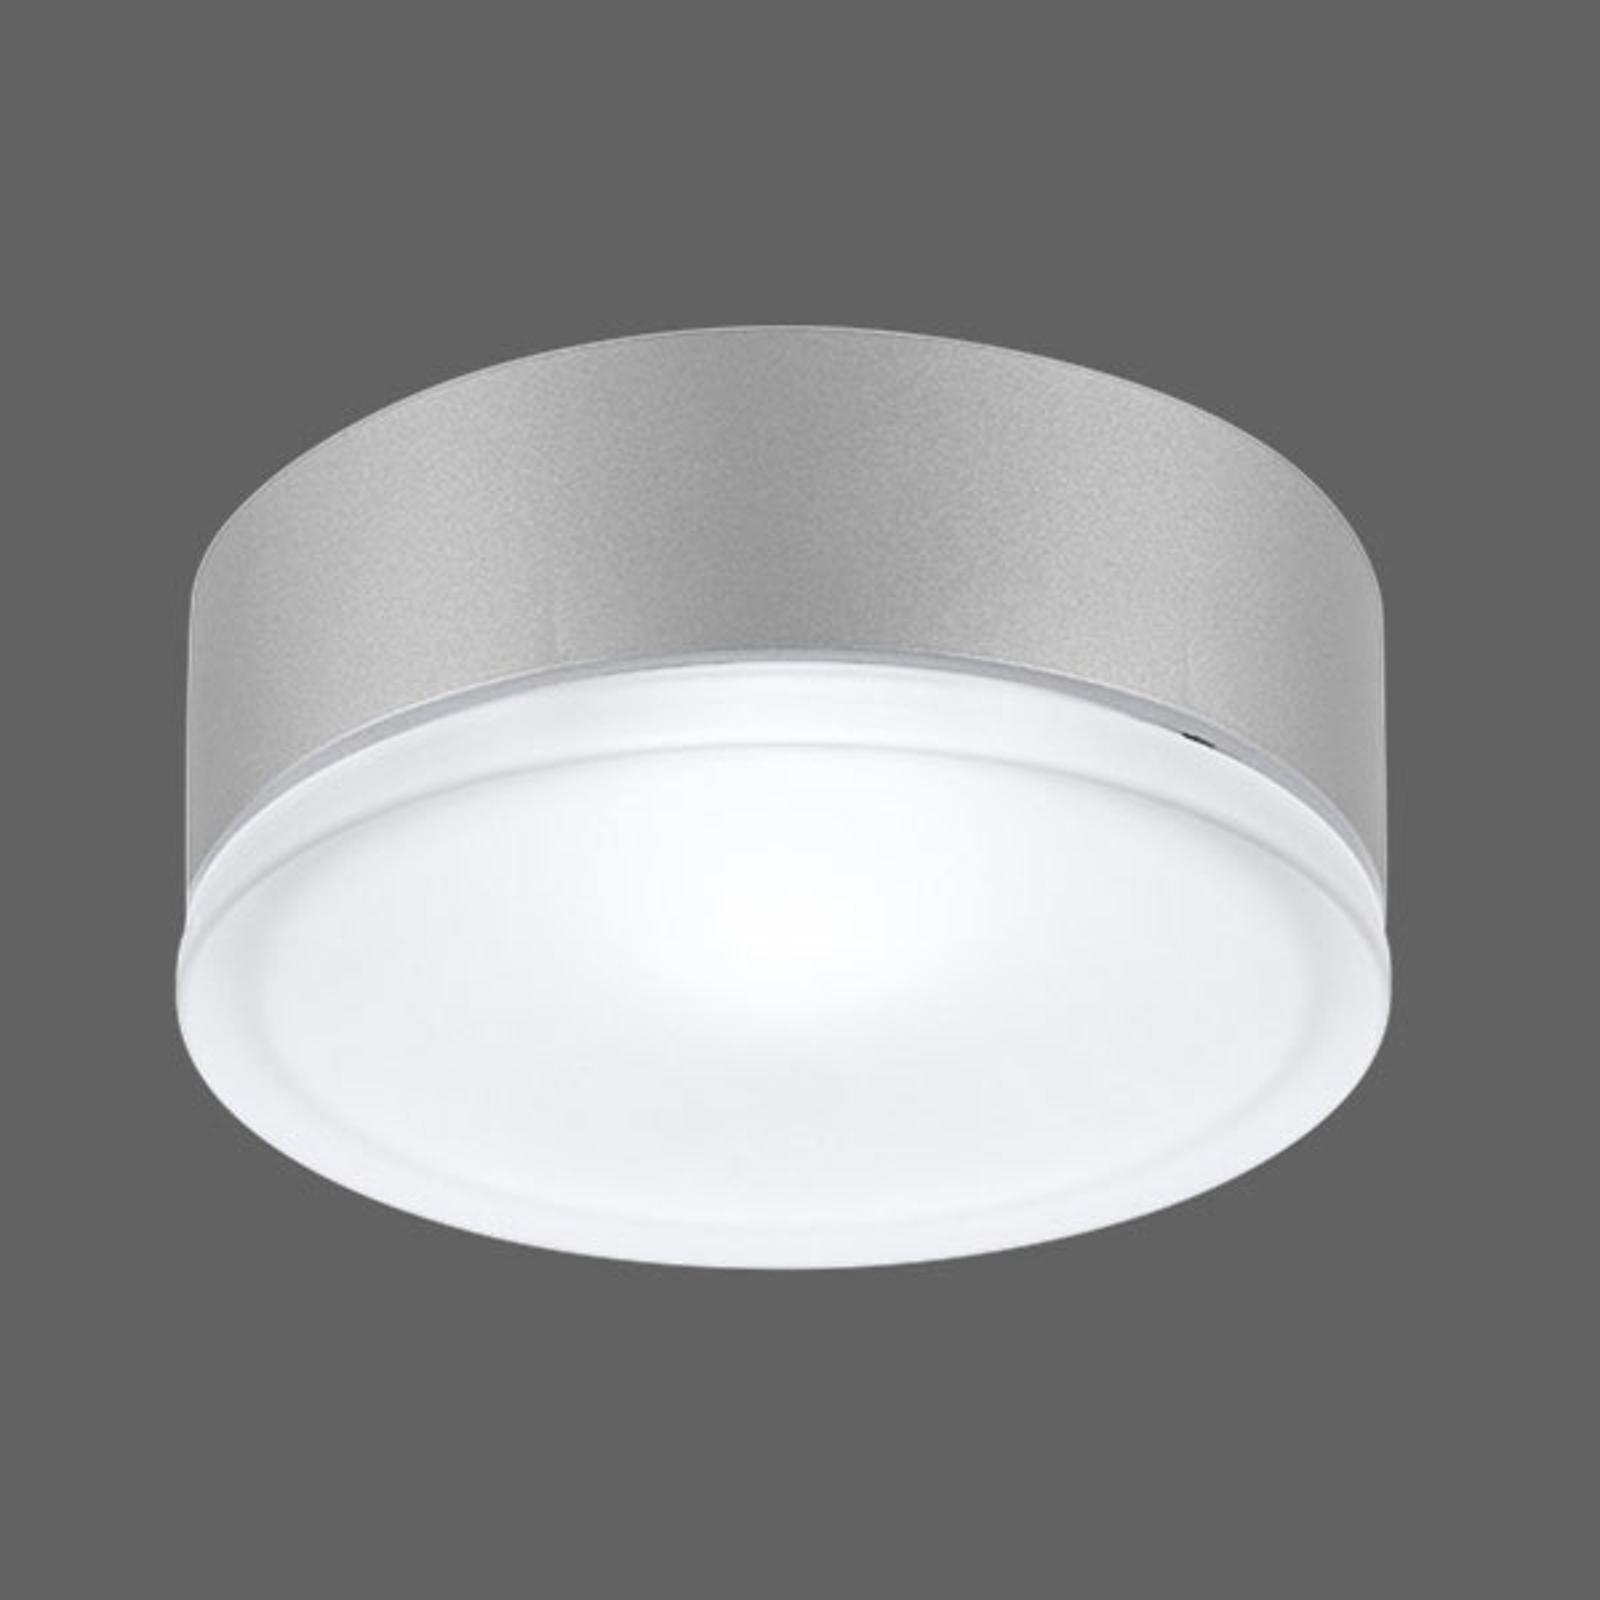 Drop 28 plafonnier d'extérieur LED en gris 3000K